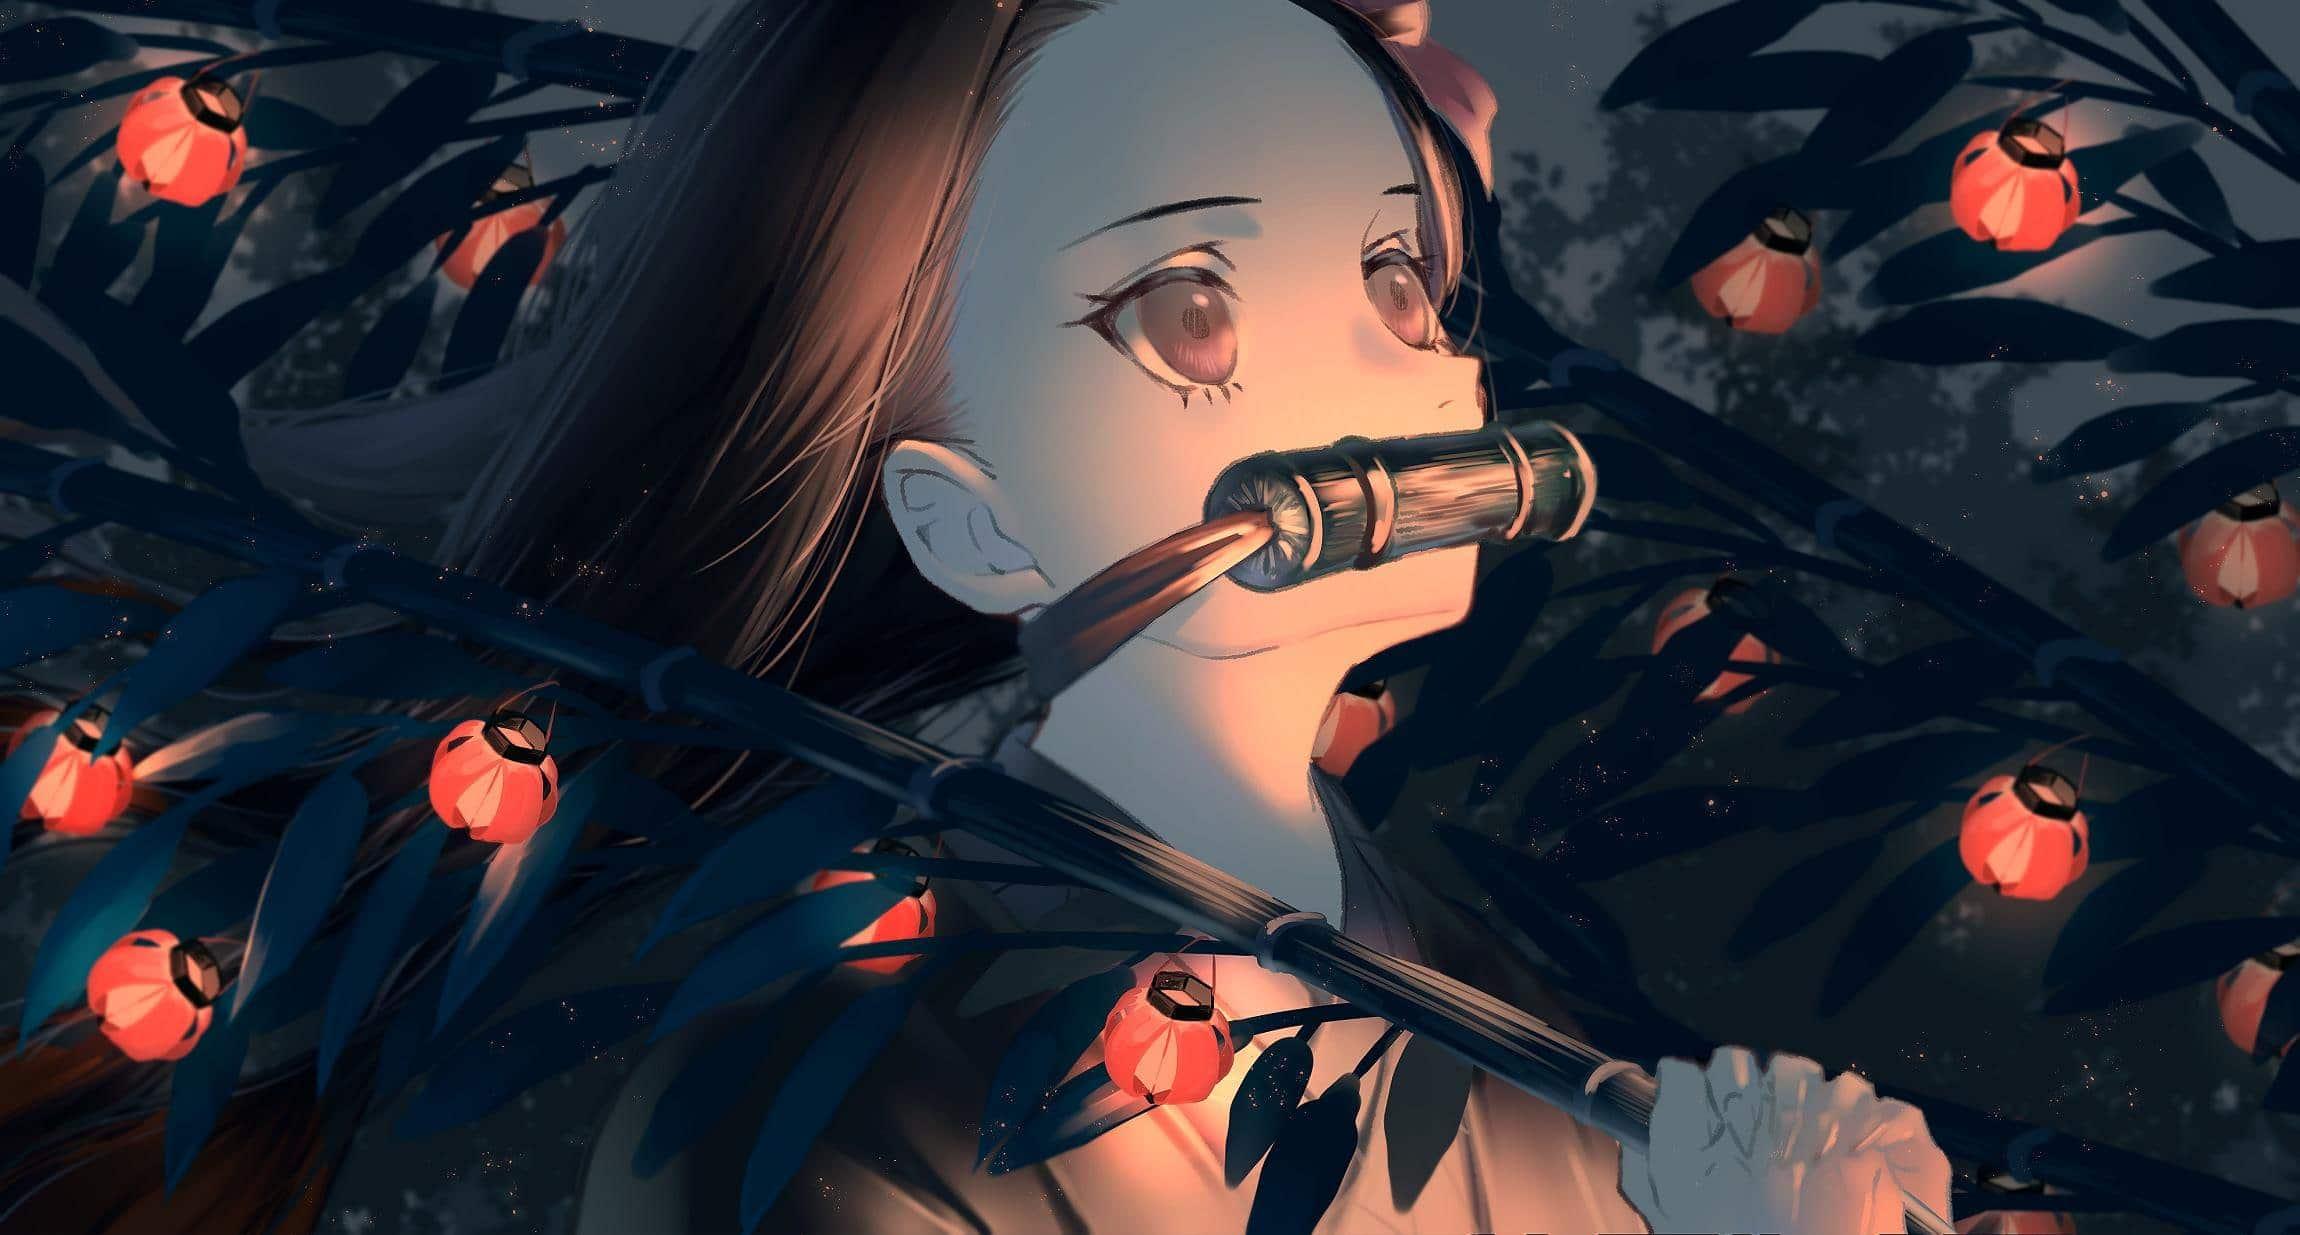 Bộ sưu tập ảnh về anime Kimetsu no Yaiba của artist Yuzunonicomi